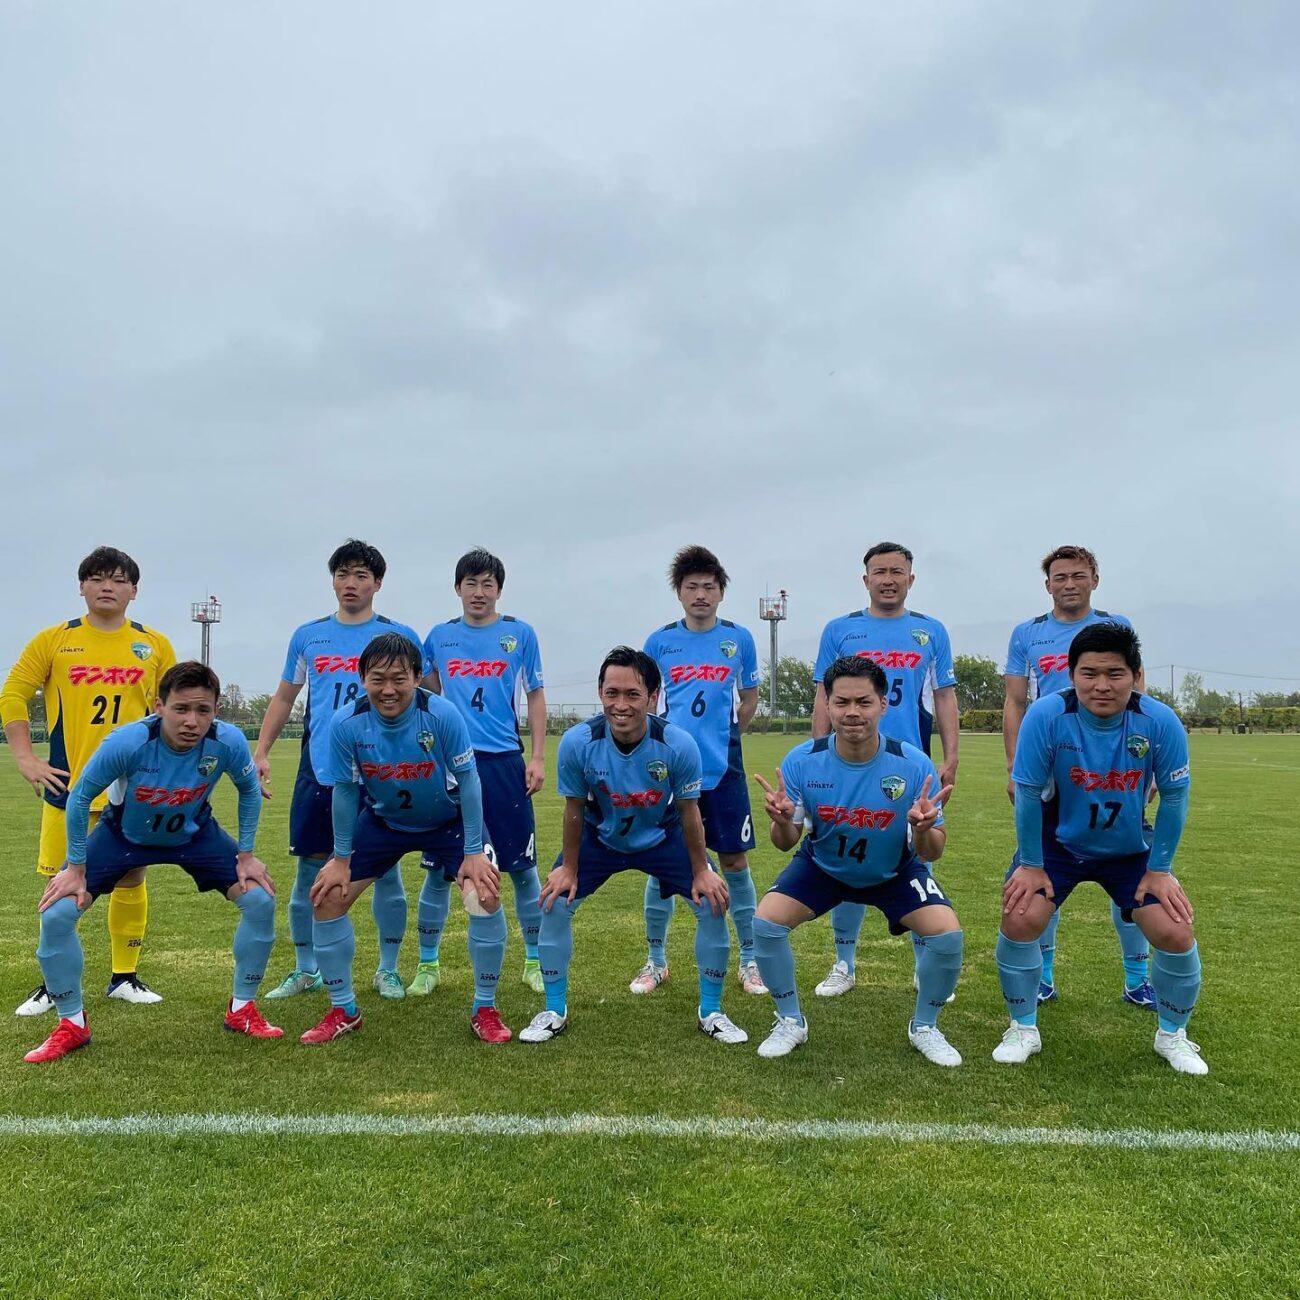 第57回全国社会人サッカー選手権長野県大会-準々決勝-集合写真